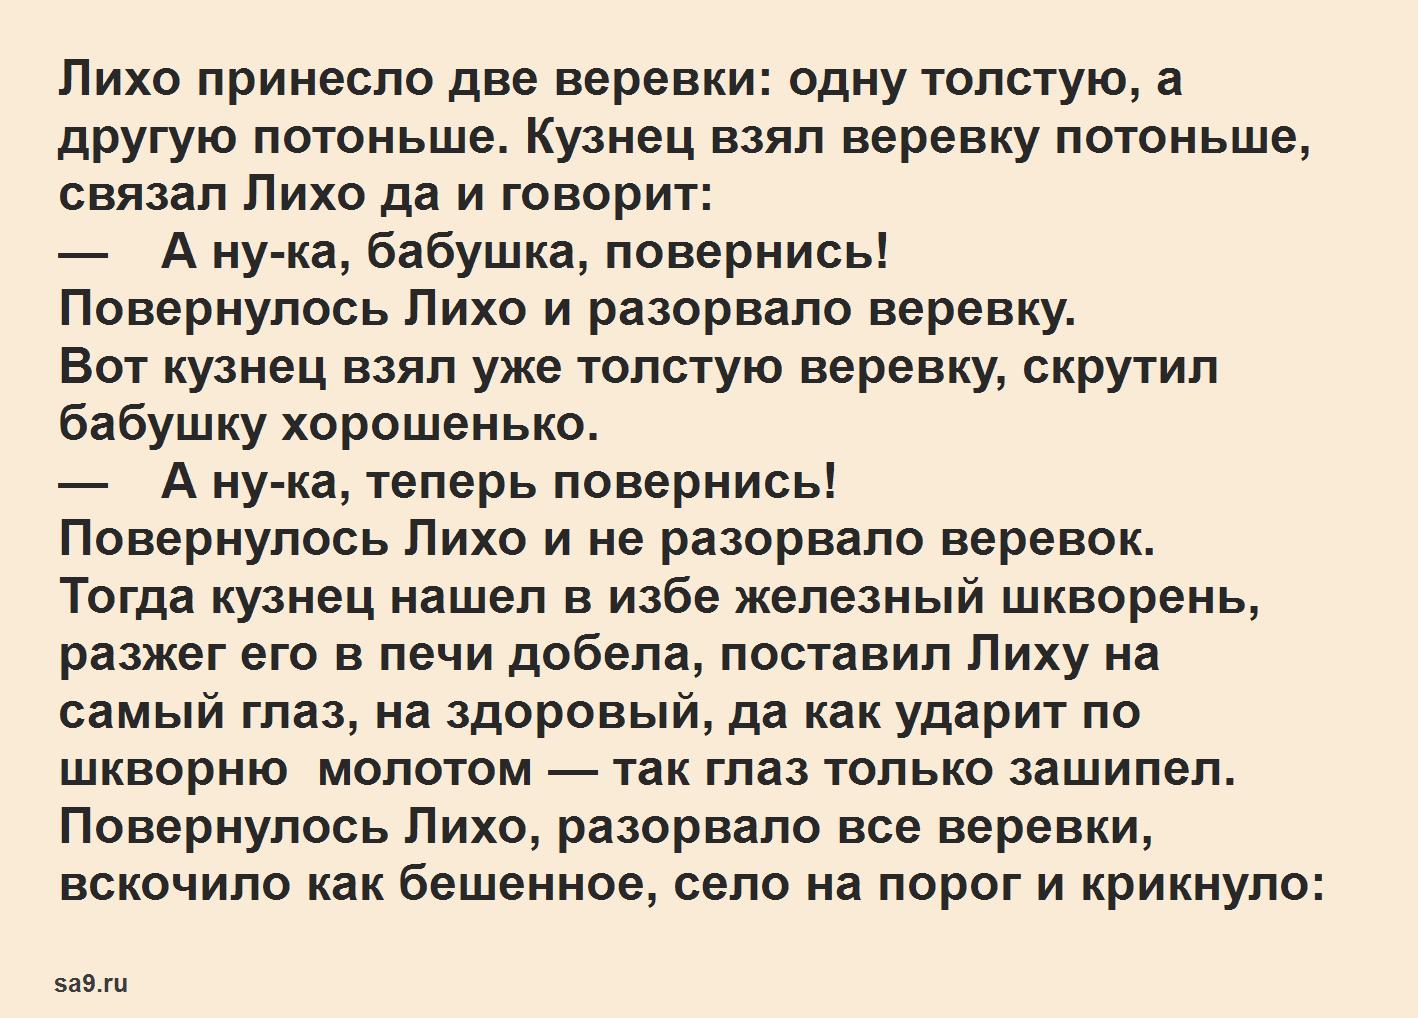 Читать русскую народную сказку - Лихо одноглазое